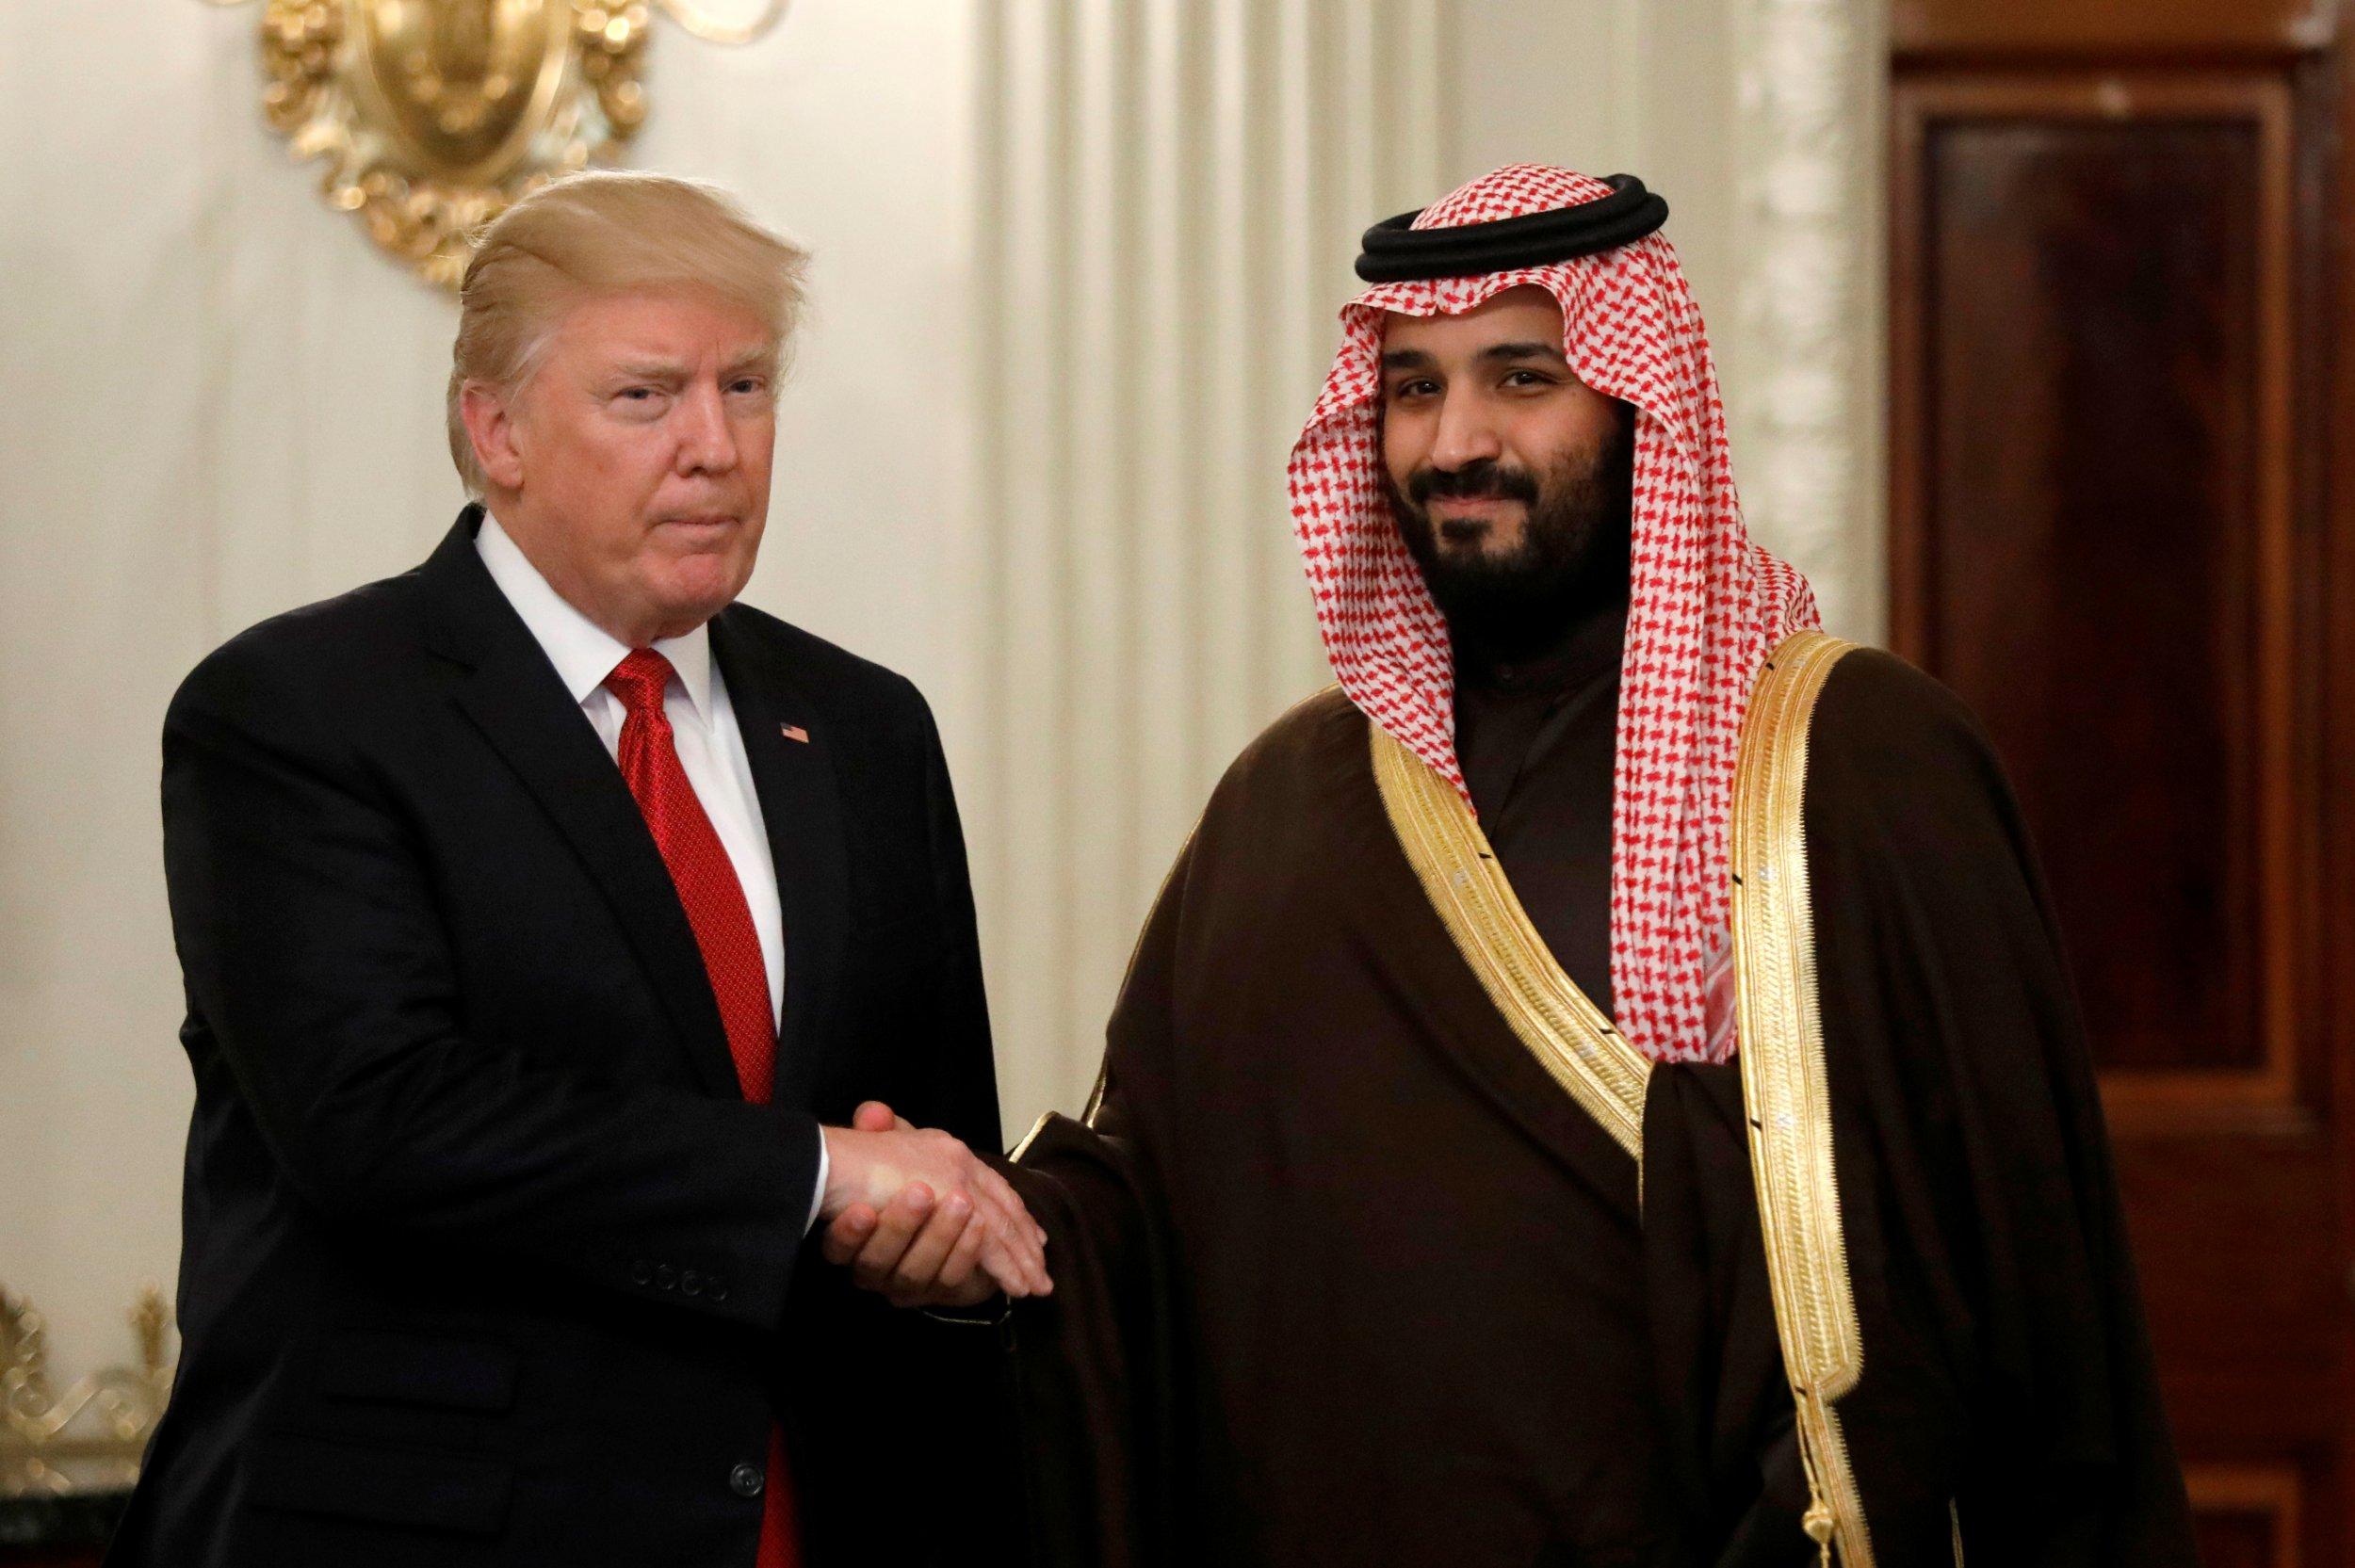 El presidente de EEUU, Donald Trump, y el heredero saudí Mohammed bin Salman, en la Casa Blanca, en Washington, en marzo de 2017. REUTERS/Kevin Lamarque